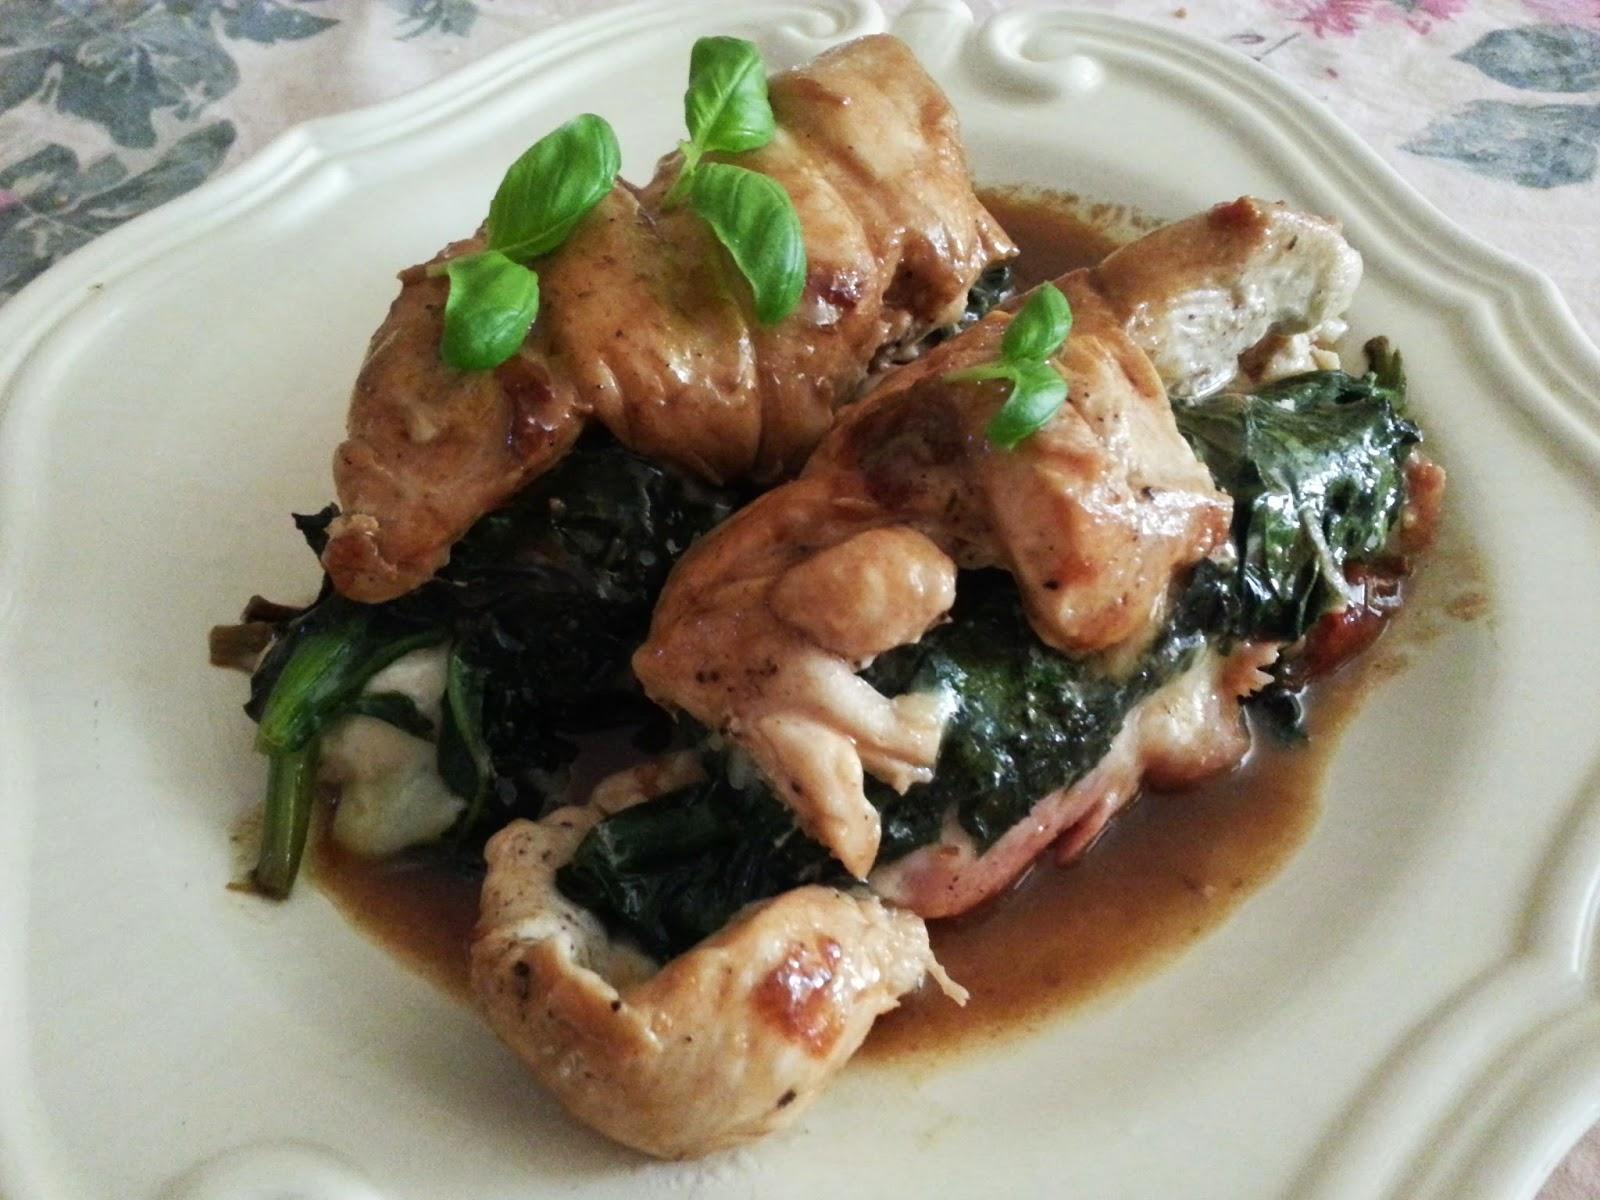 Bifes de frango enrolados com espinafres e molho de soja